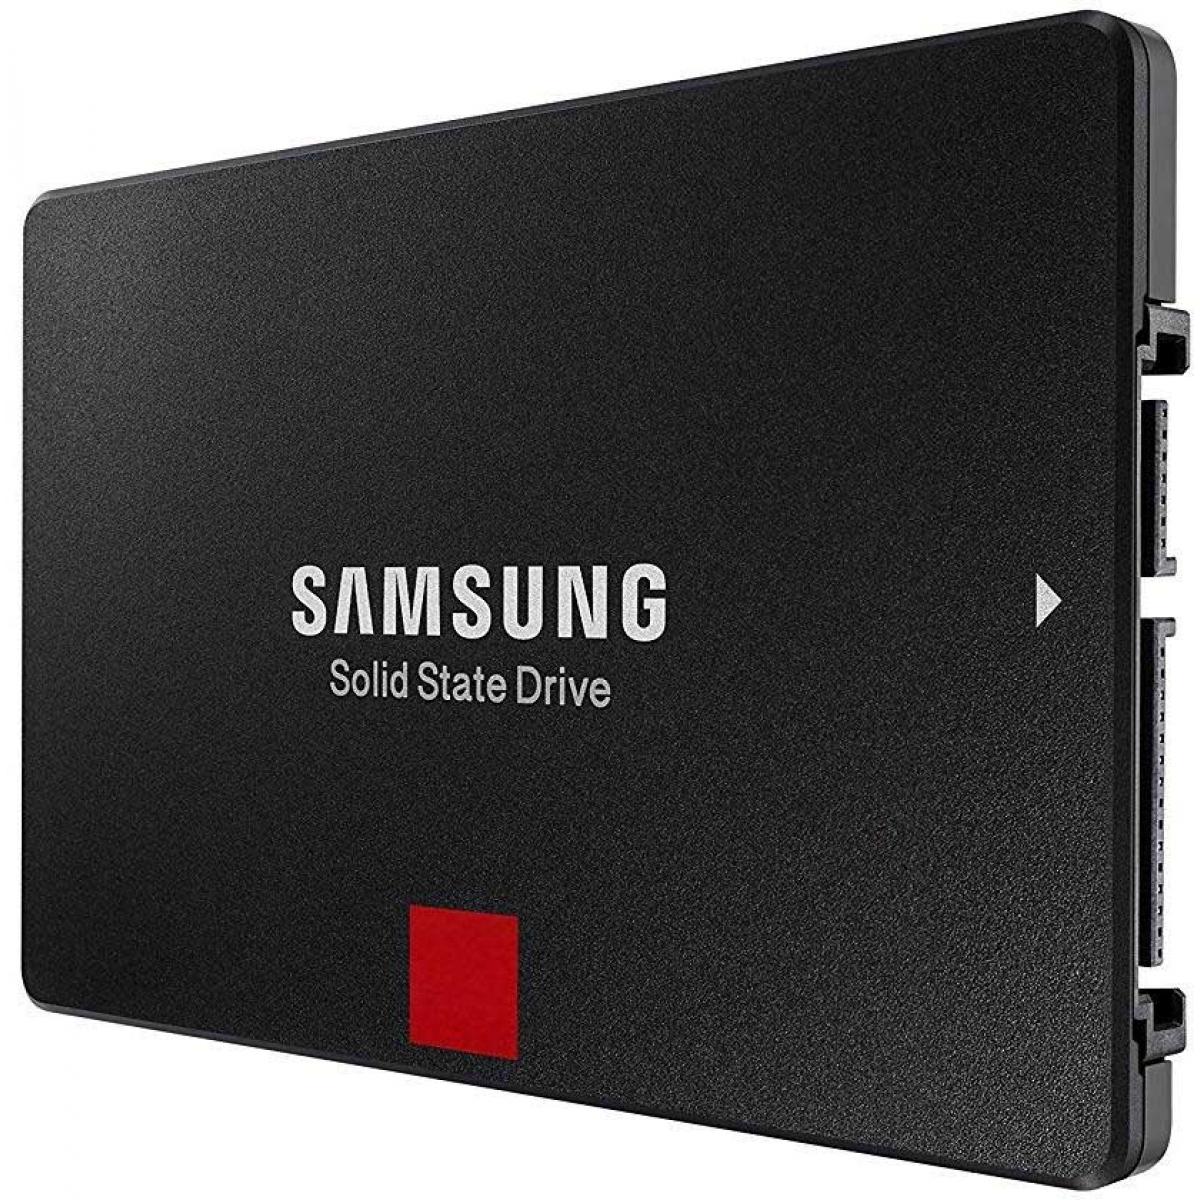 SSD Samsung 860 Pro, 256GB, Sata III, Leitura 560MBs e Gravação 530MBs, MZ-76P256E